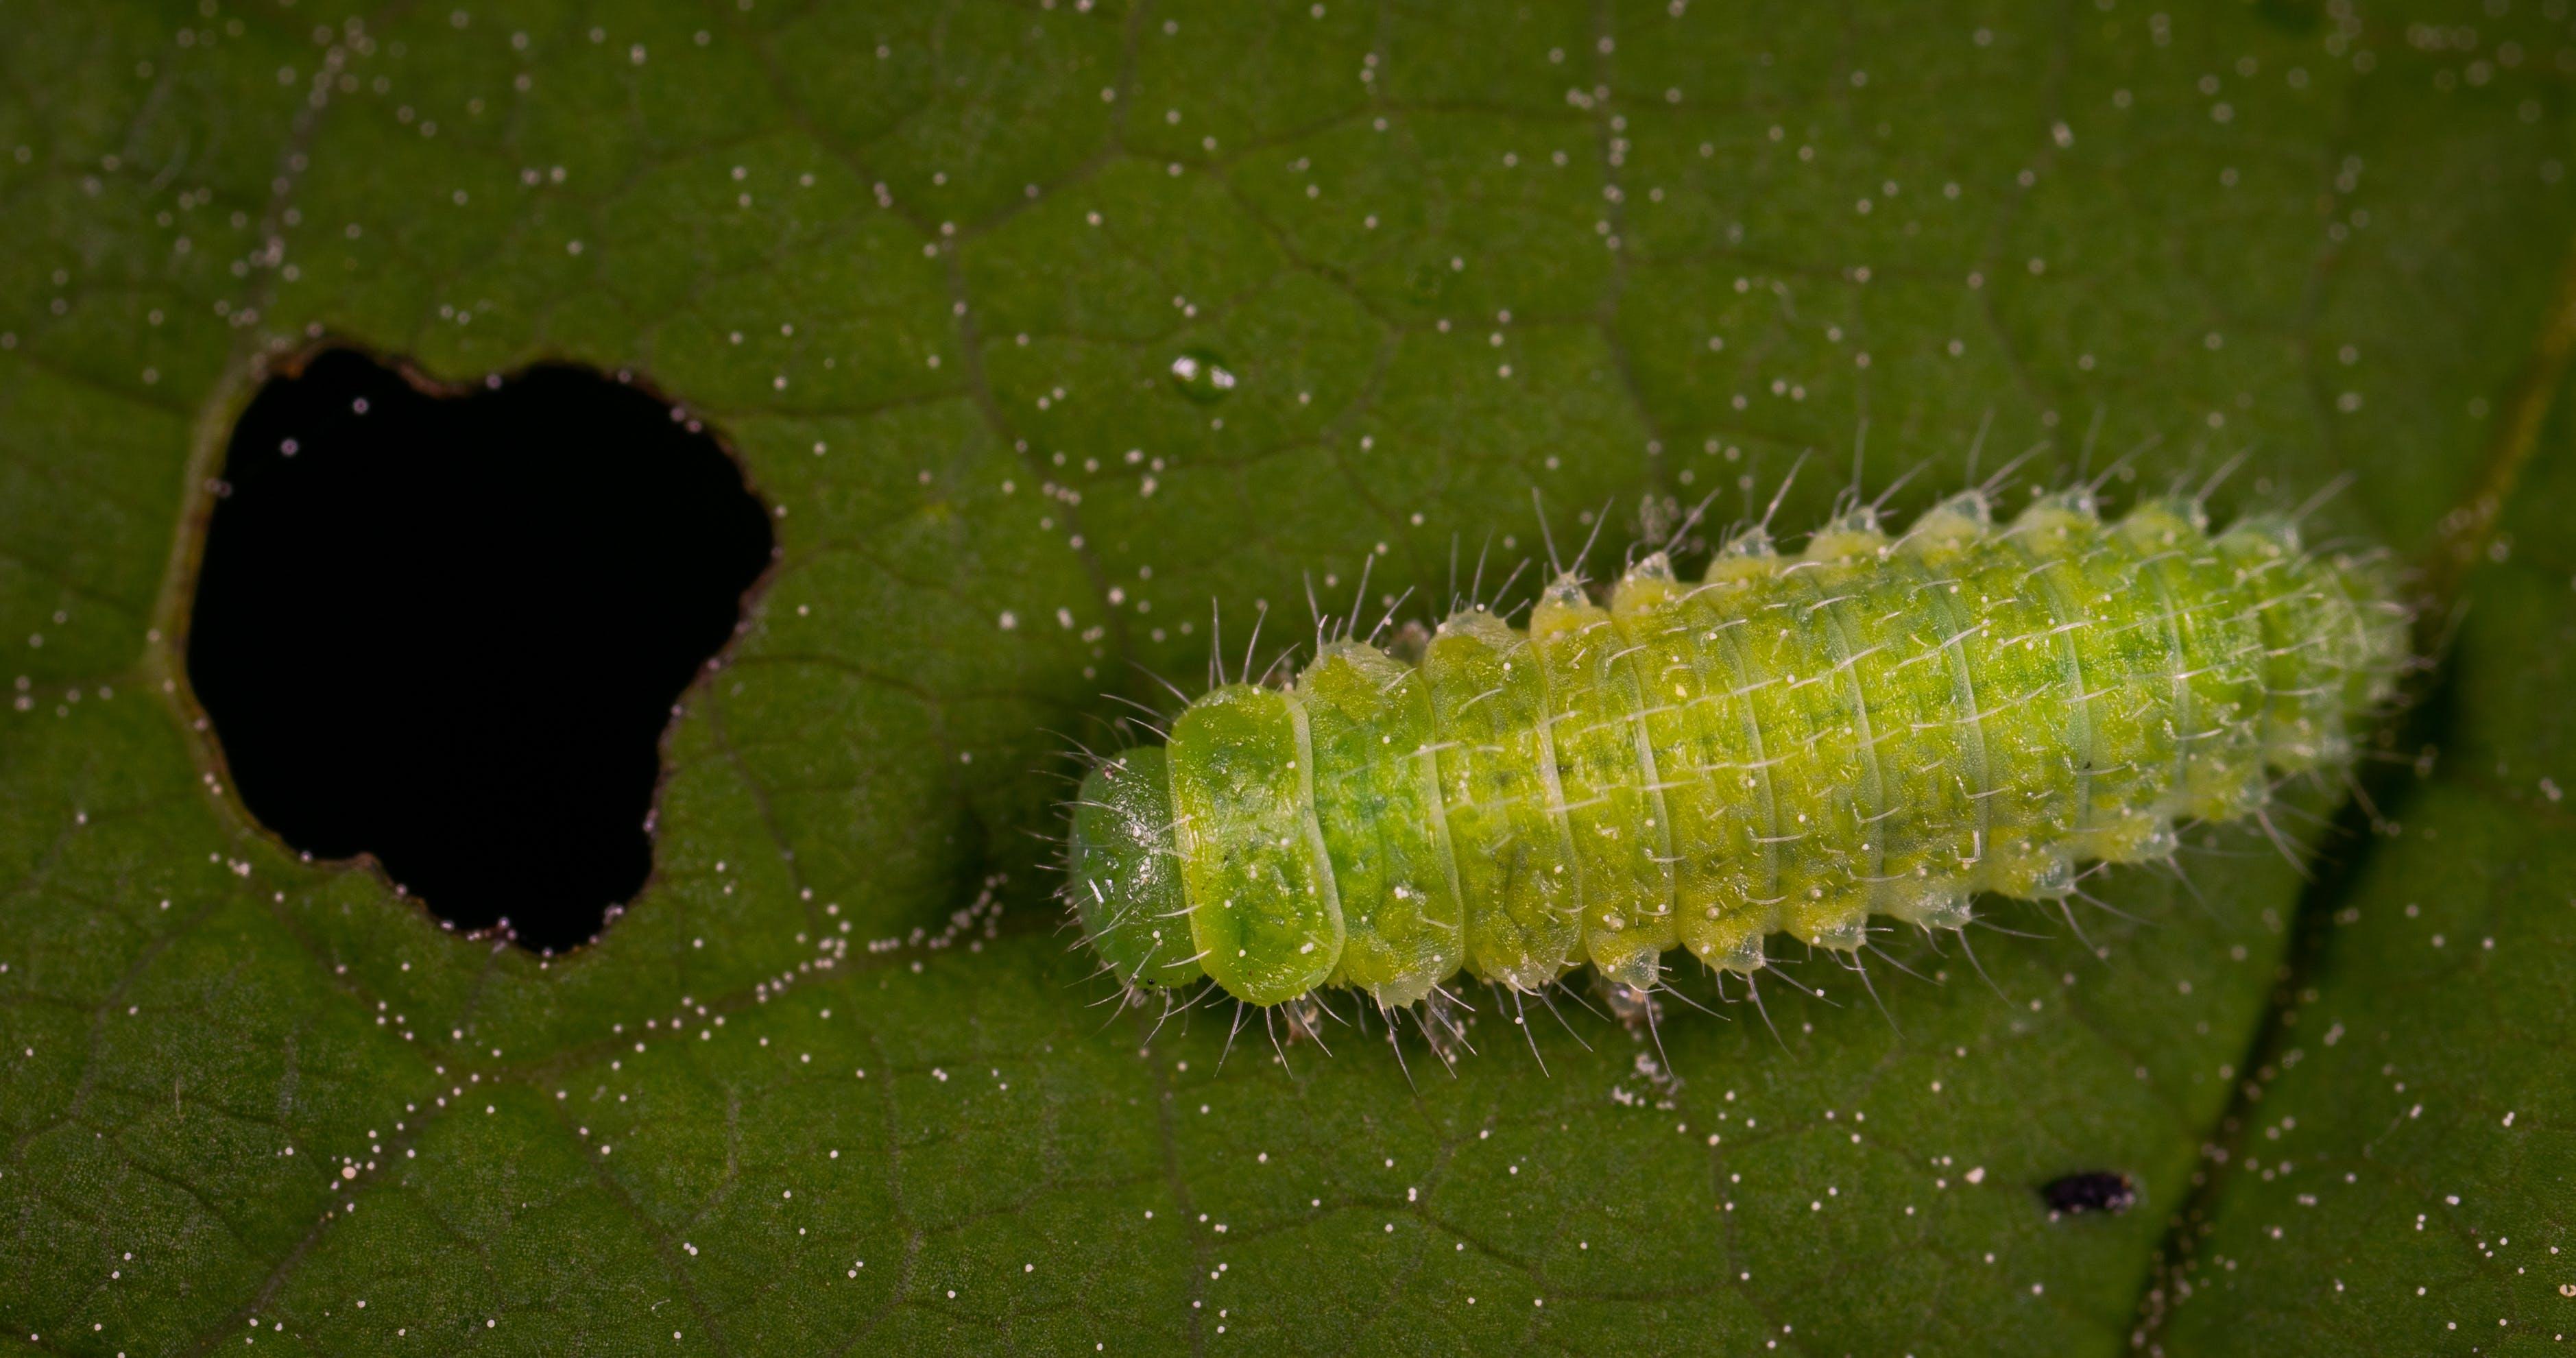 Green Worm On Green Leaf